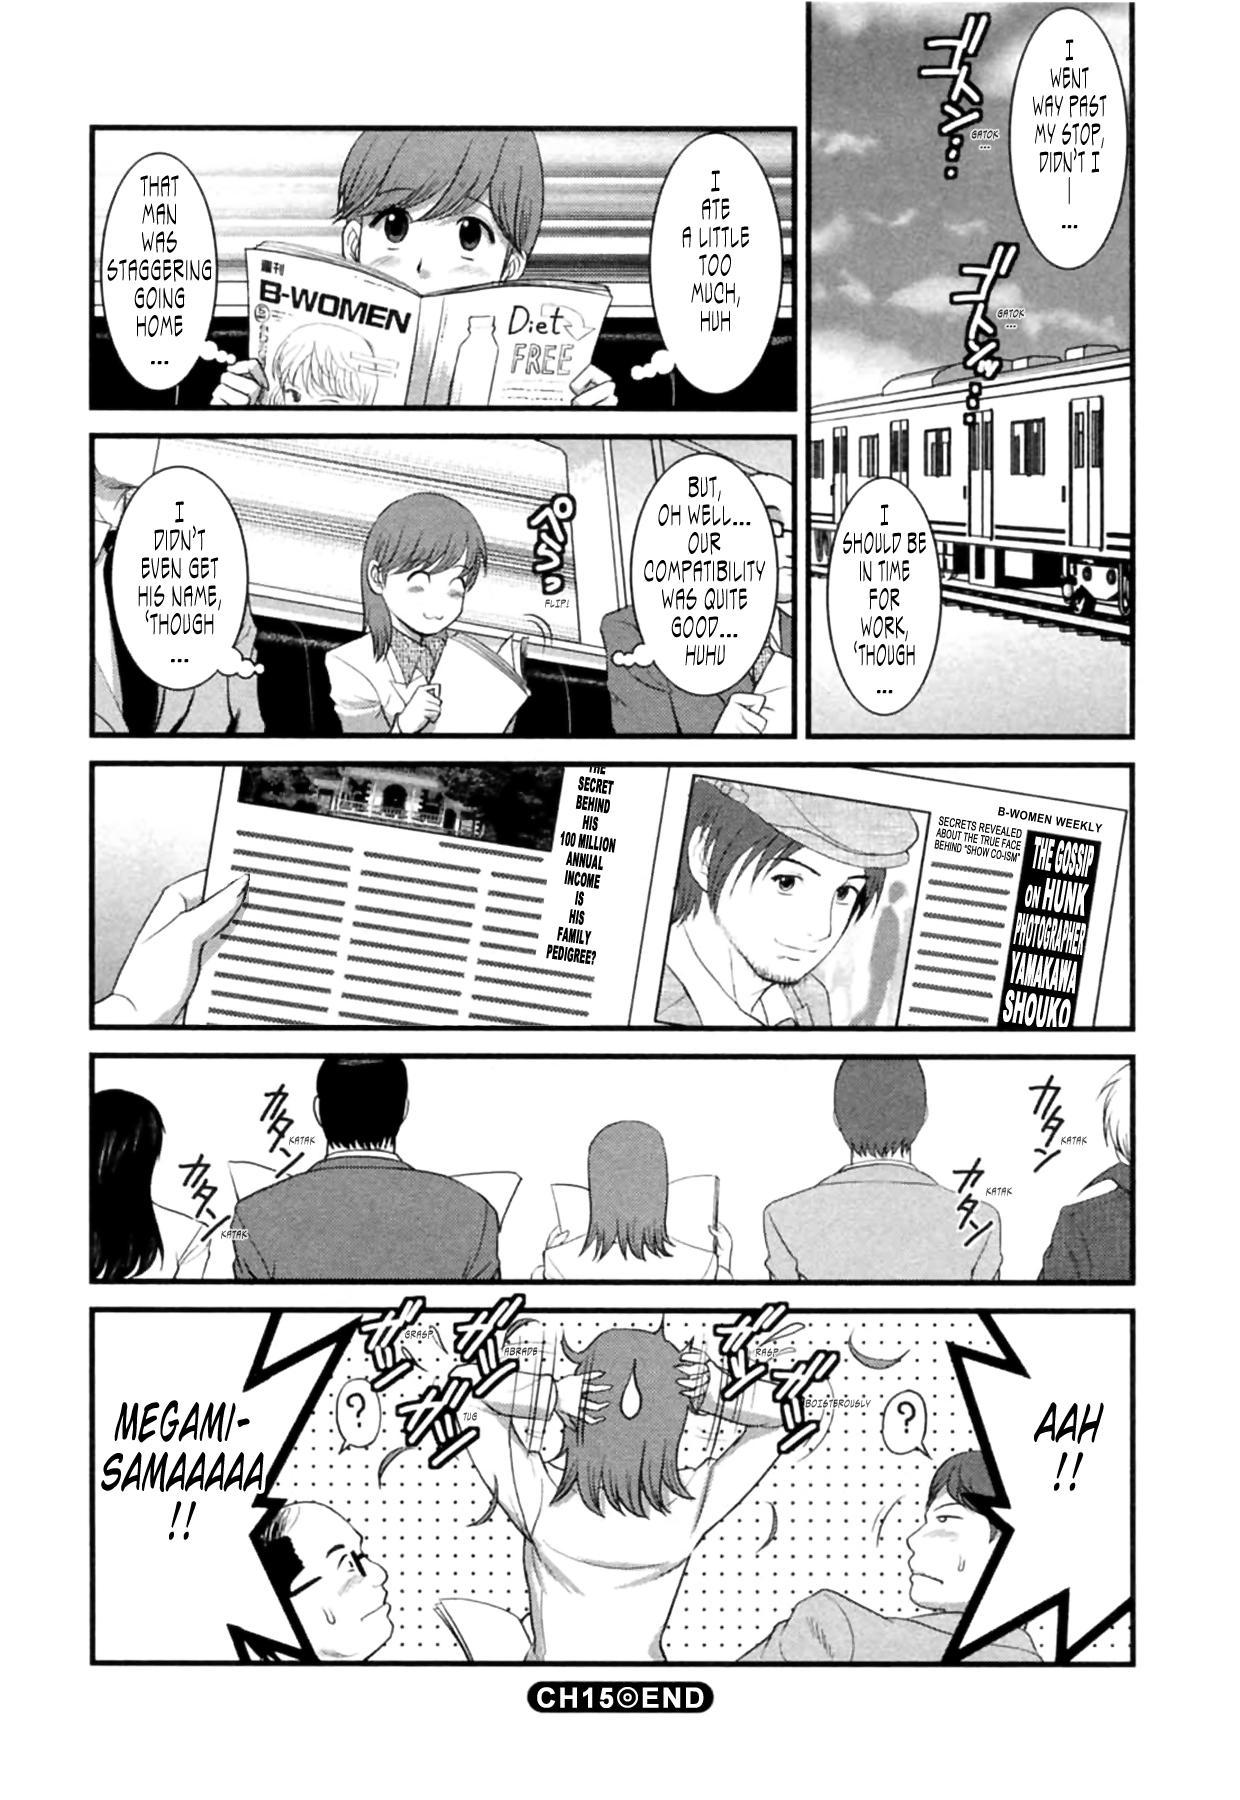 [Saigado] Haken no Muuko-san 2 Ch. 11-15 [English] [Tonigobe] 106